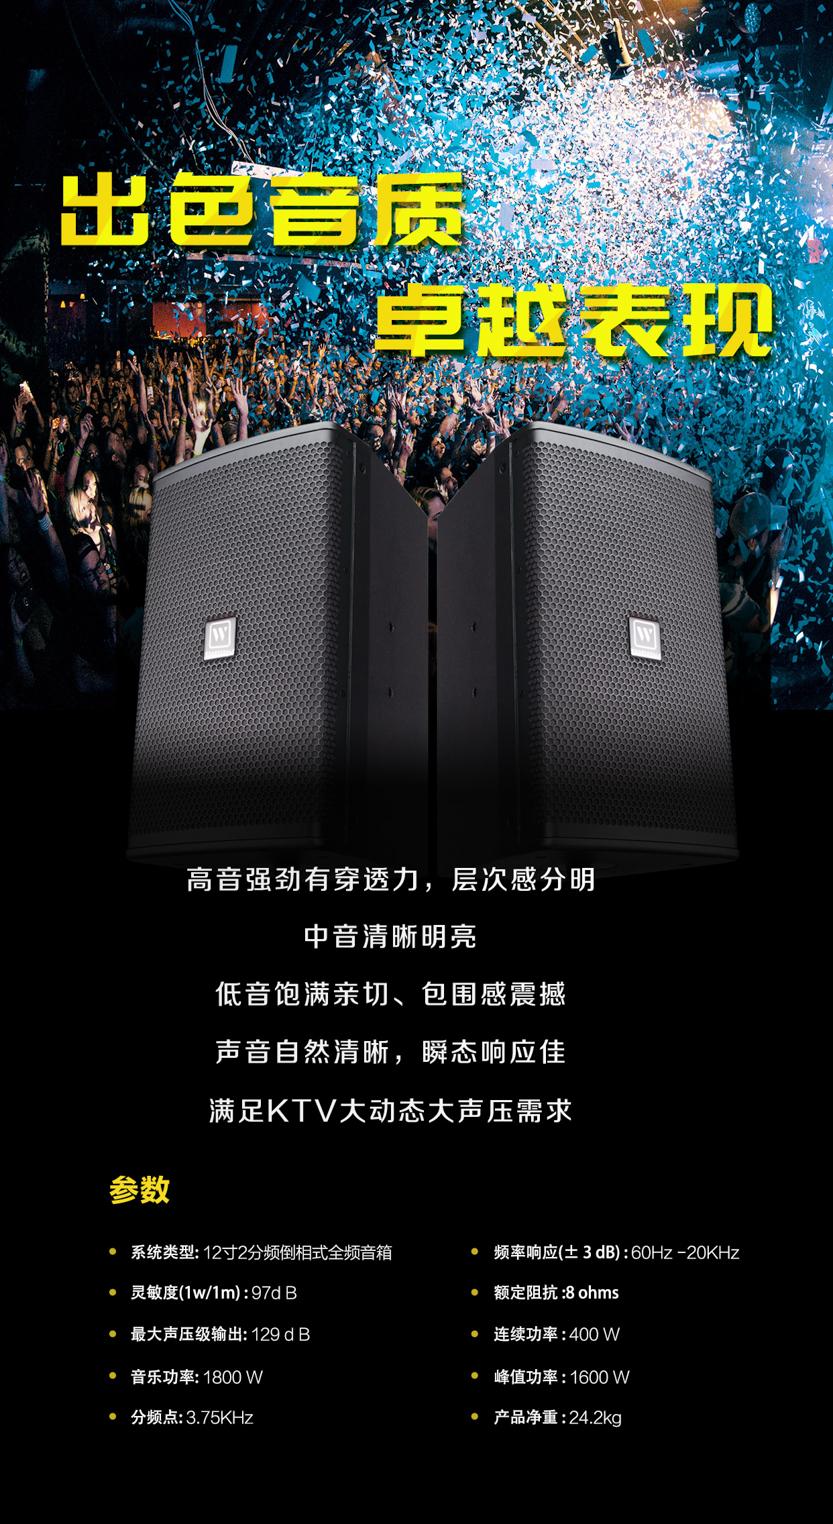 乐富豪KW-S12娱乐音箱2.jpg